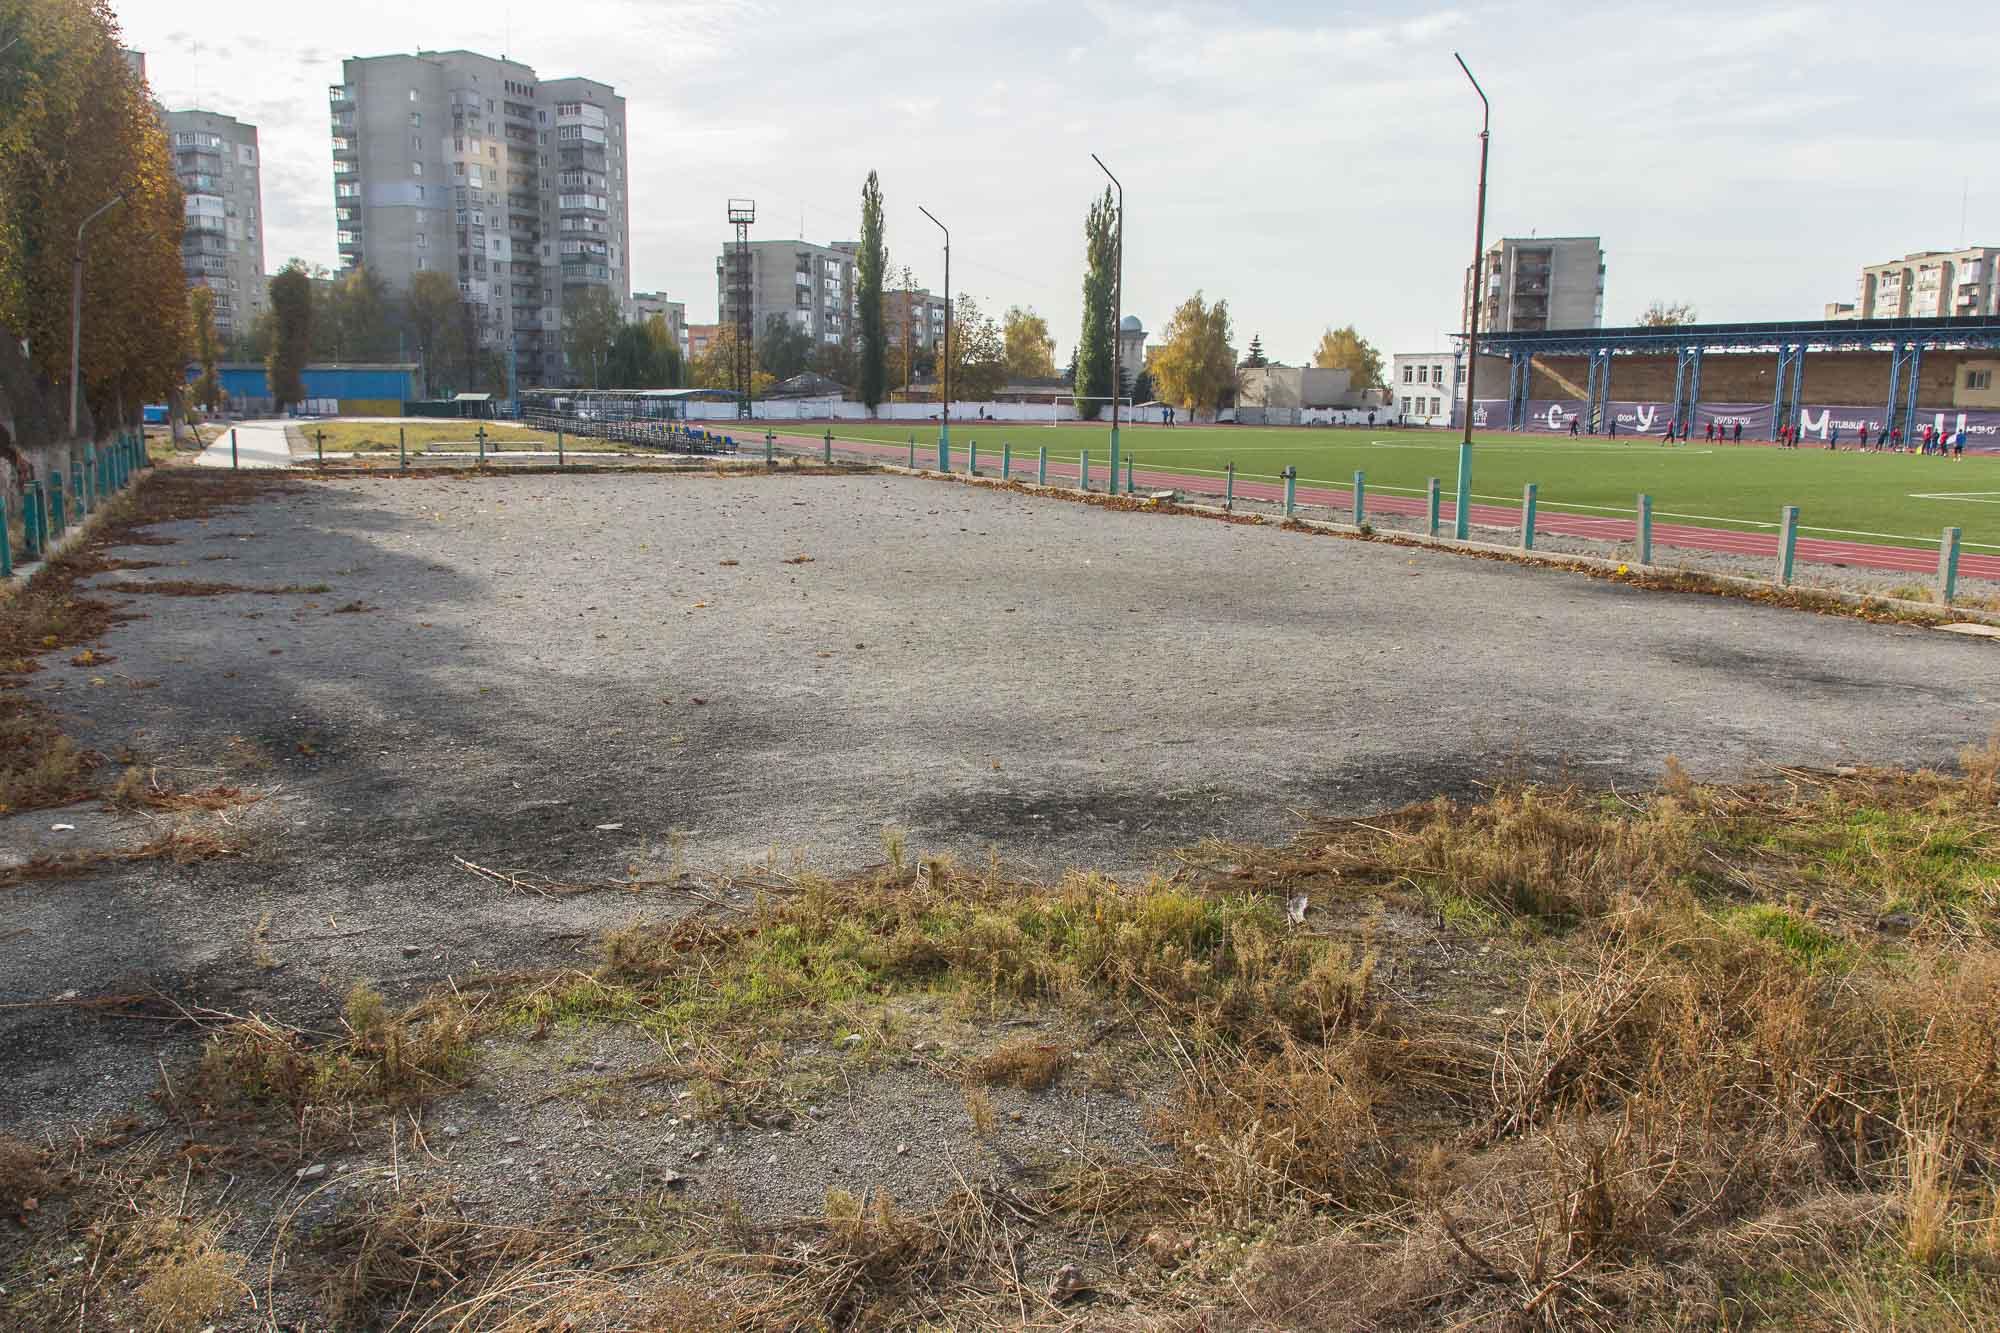 Місце, де була футбольна «коробка», 2020 рік. Фото: Цукр